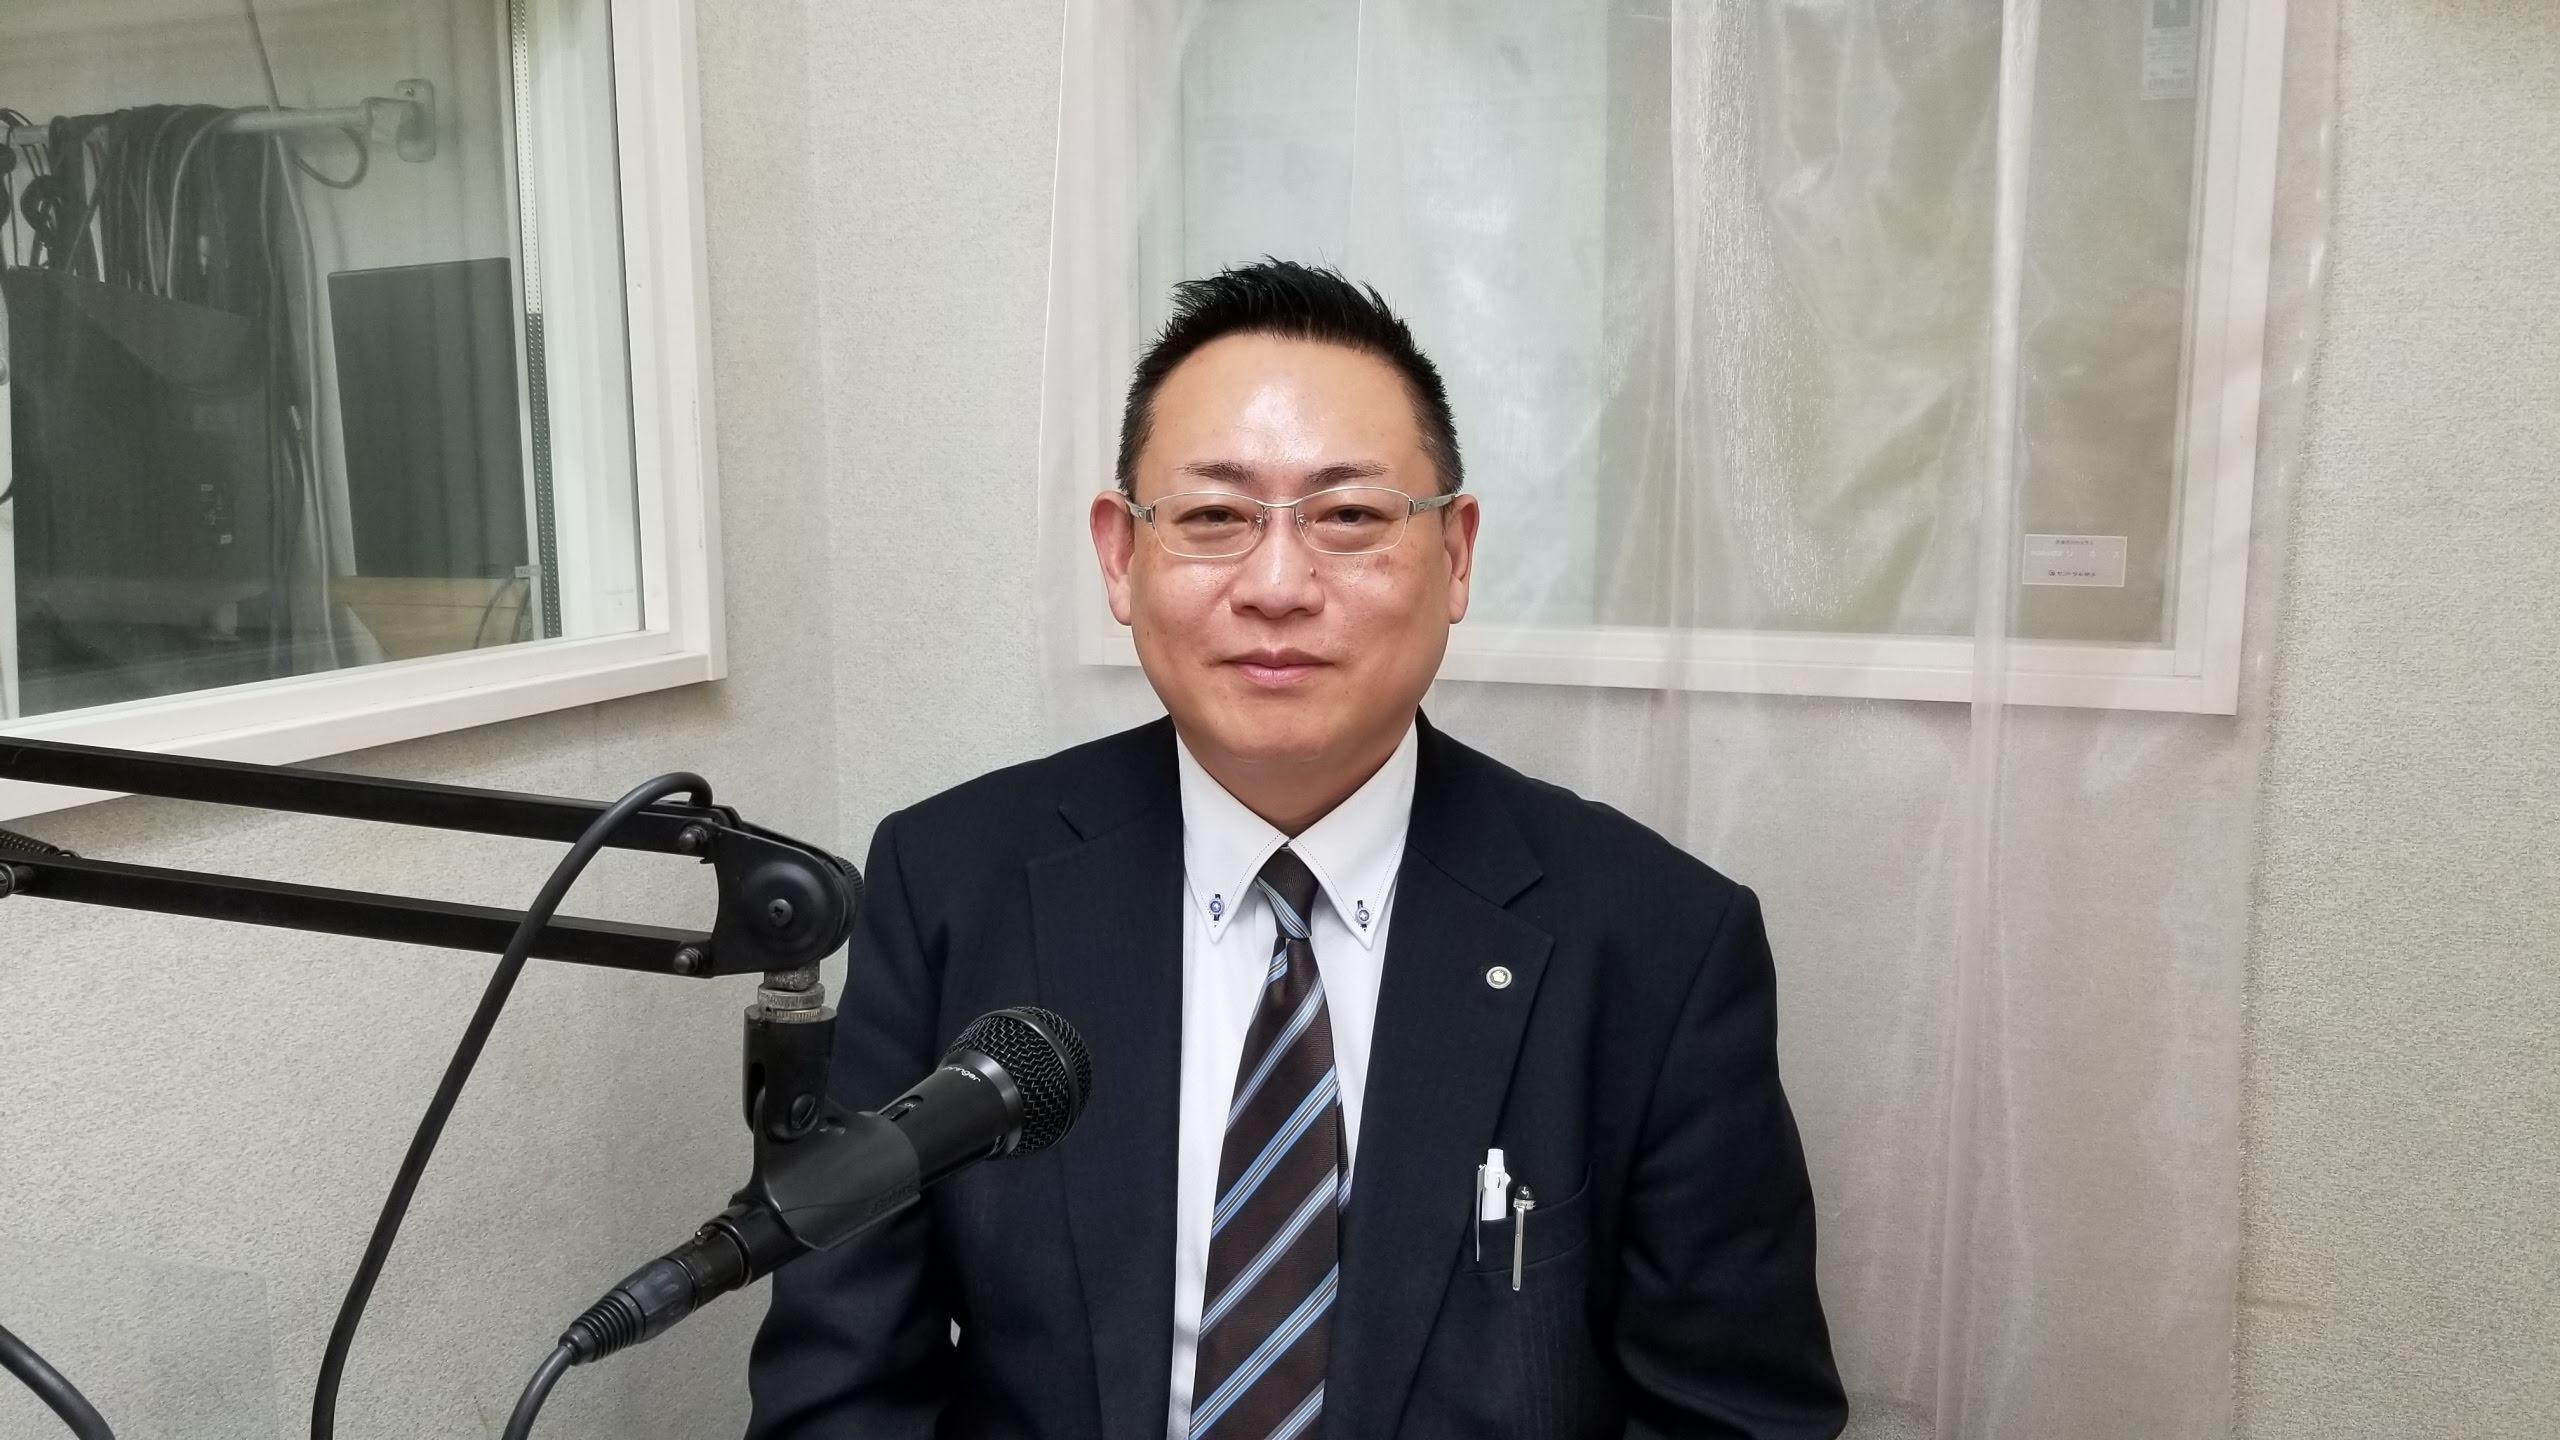 2020.12.24(木)放送 「相続登記相談センターの開設と現状について」